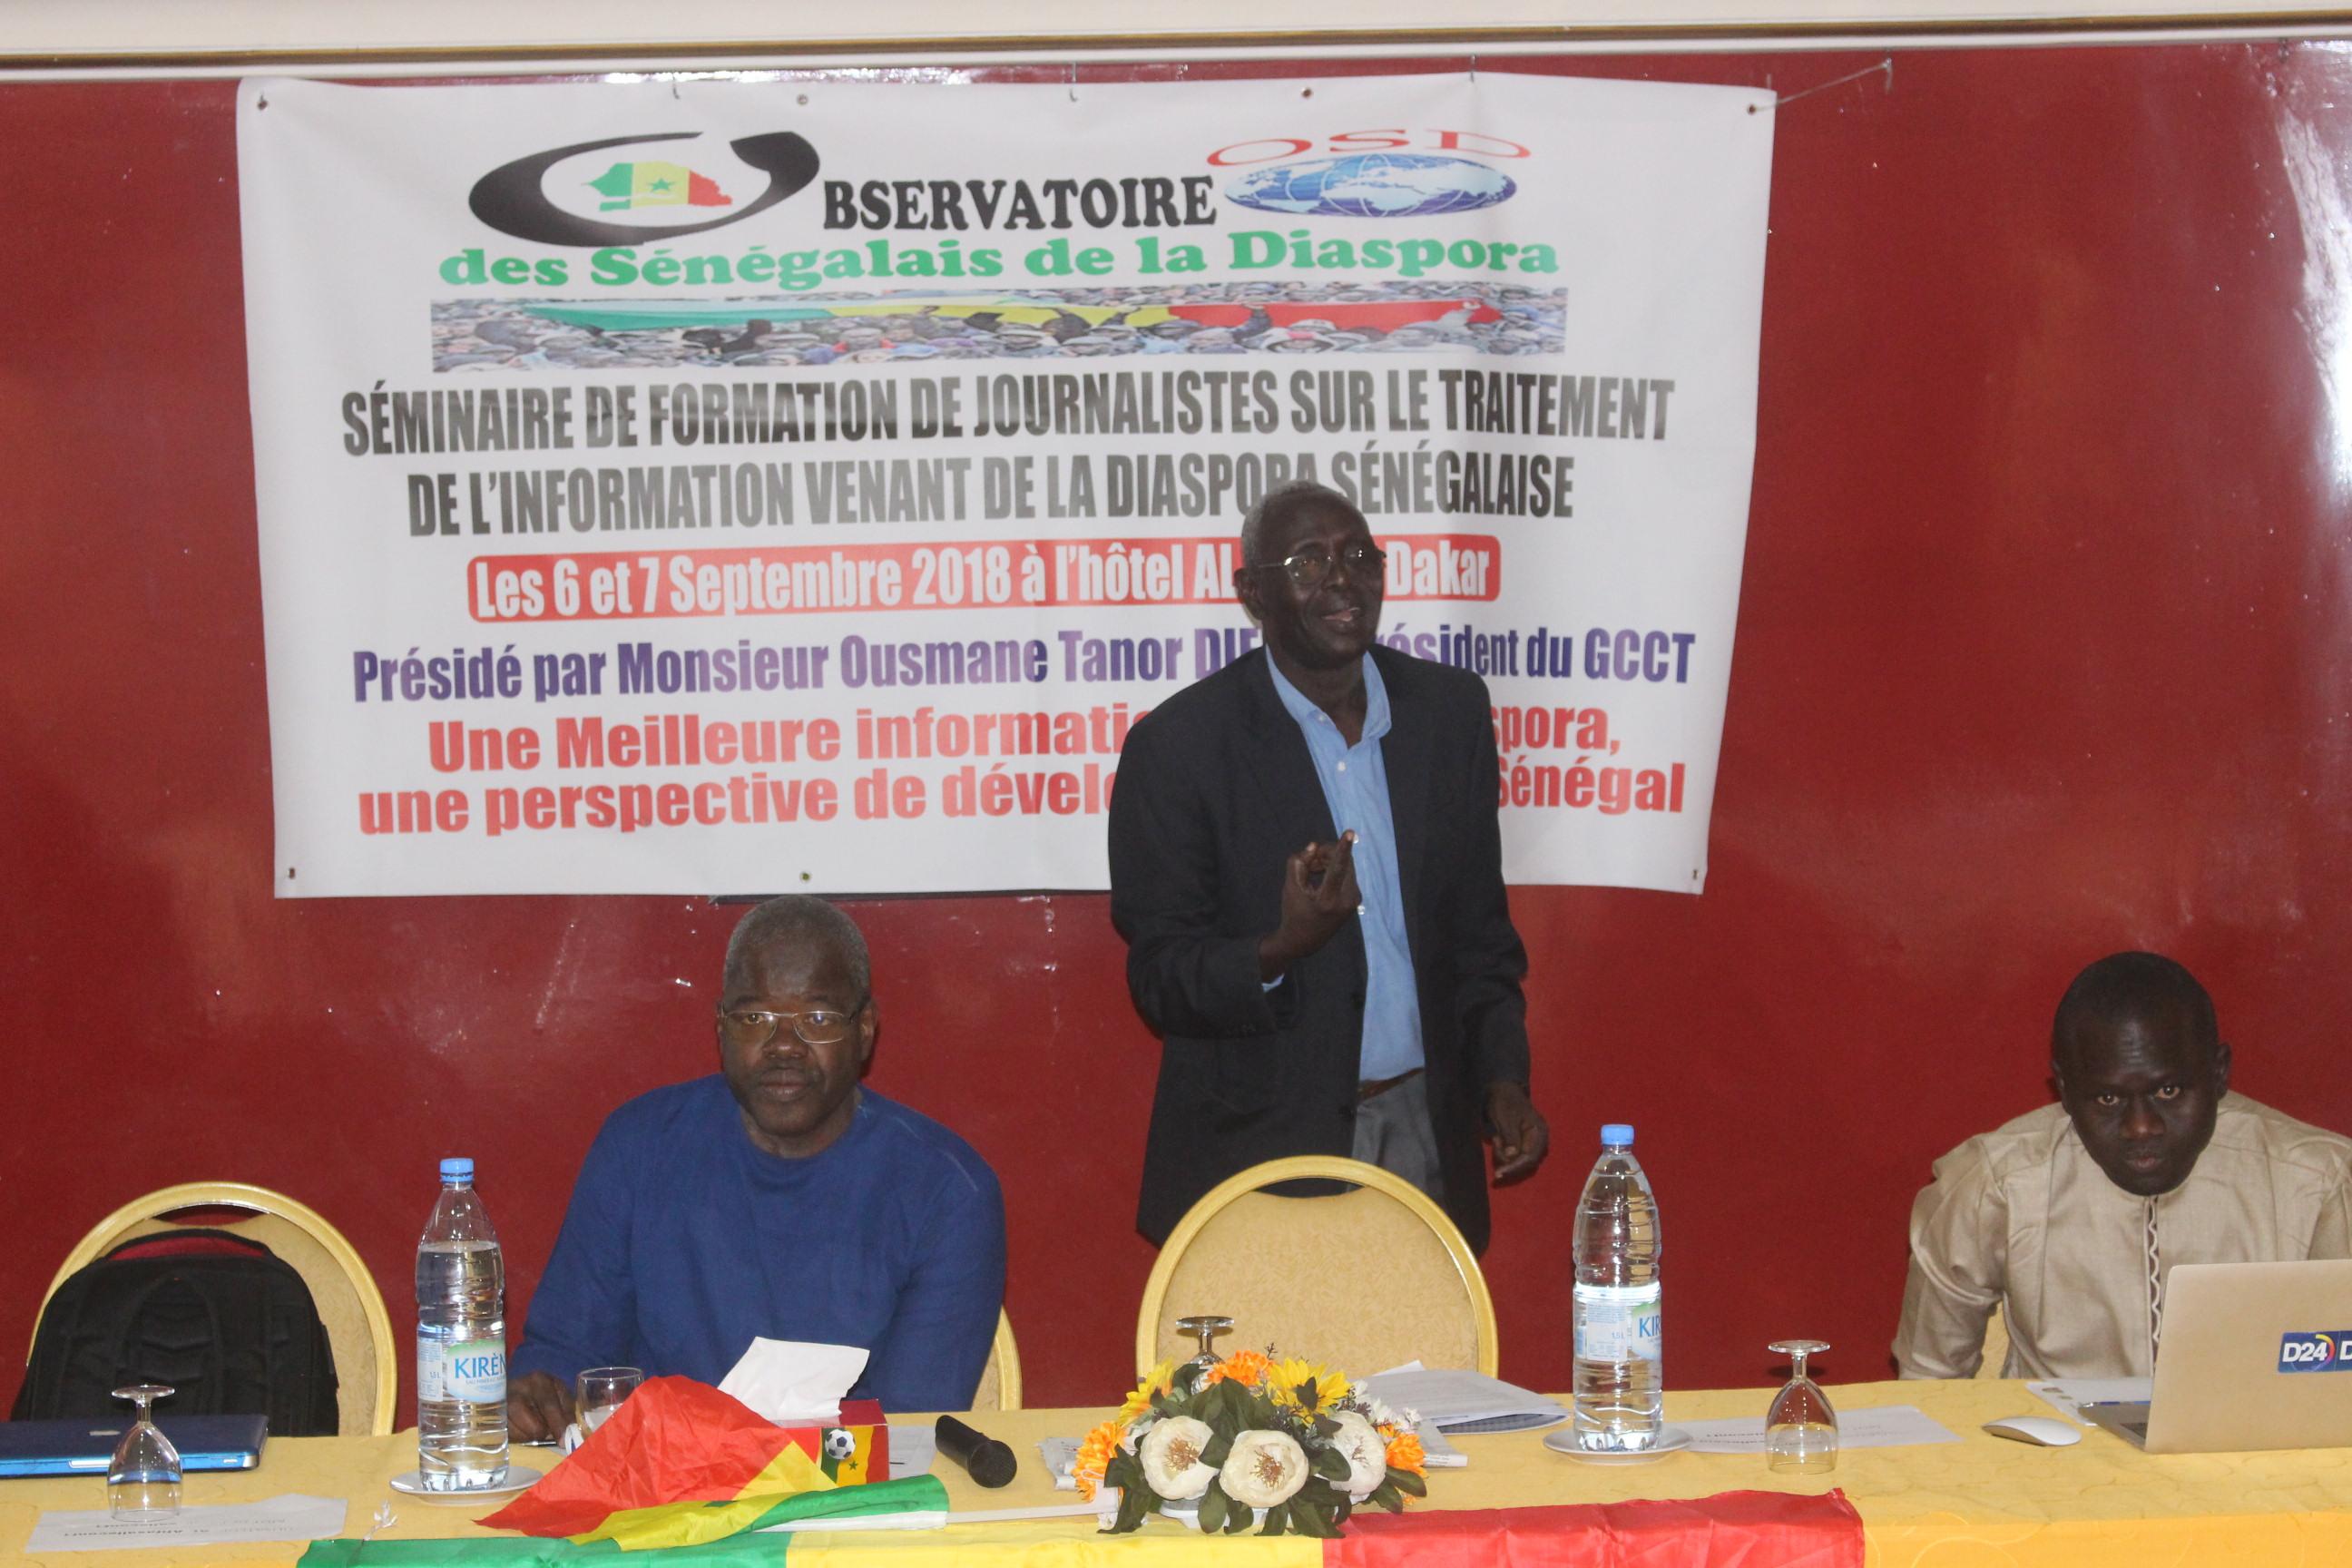 L'Observatoire des Sénégalais de la Diaspora initie  un atelier avec les journalistes sur l'information des diasporas sénégalaises